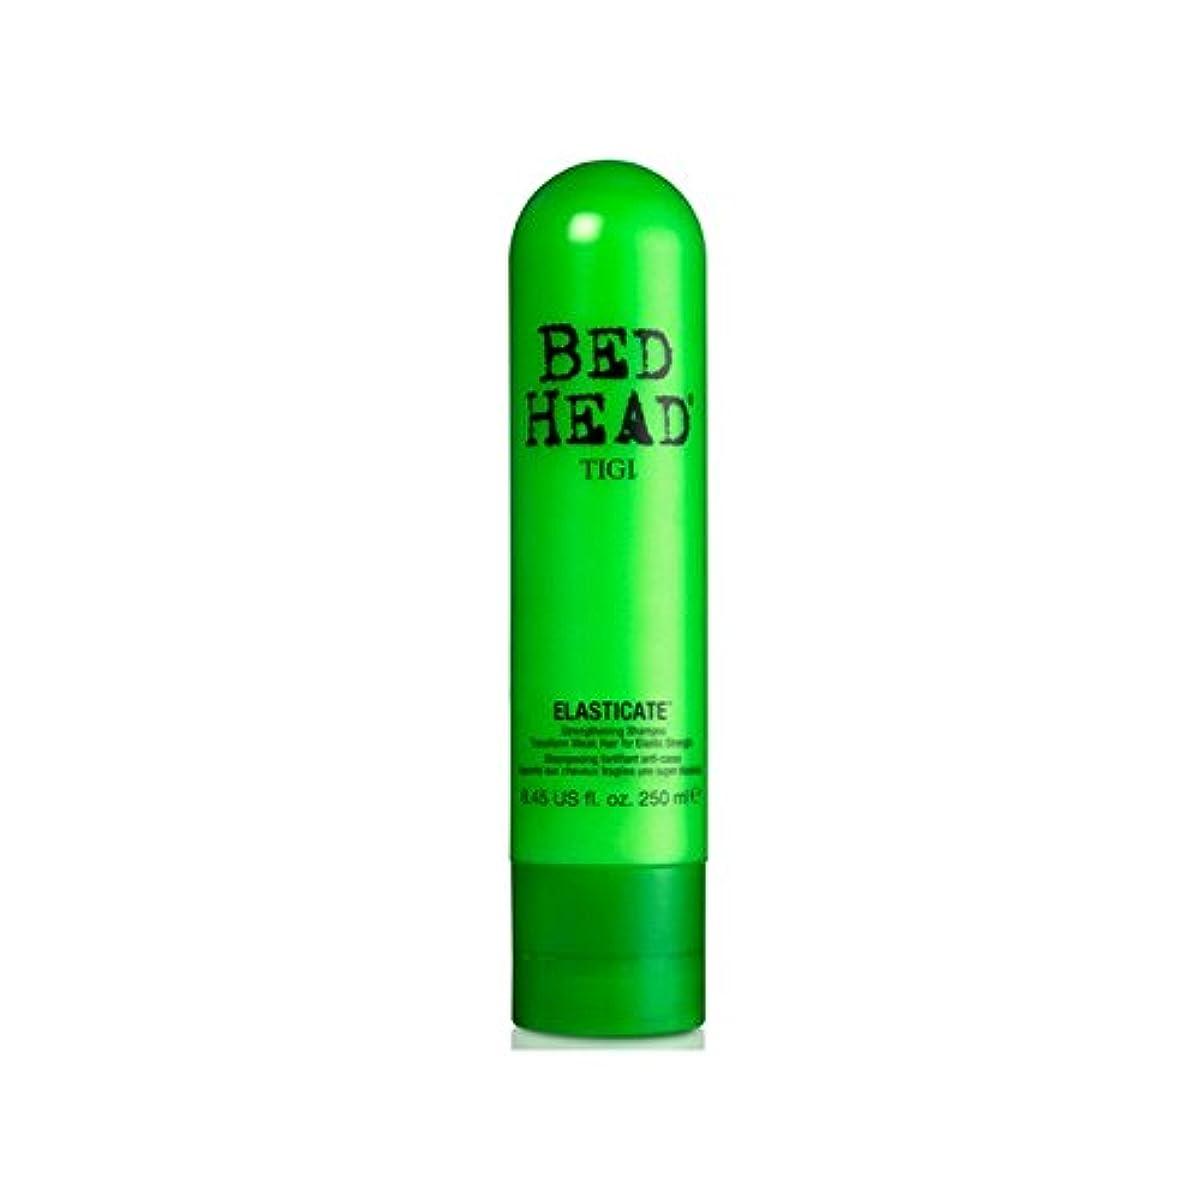 サンドイッチ抽選歴史的ティジーベッドヘッドシャンプー(250ミリリットル) x4 - Tigi Bed Head Elasticate Shampoo (250ml) (Pack of 4) [並行輸入品]